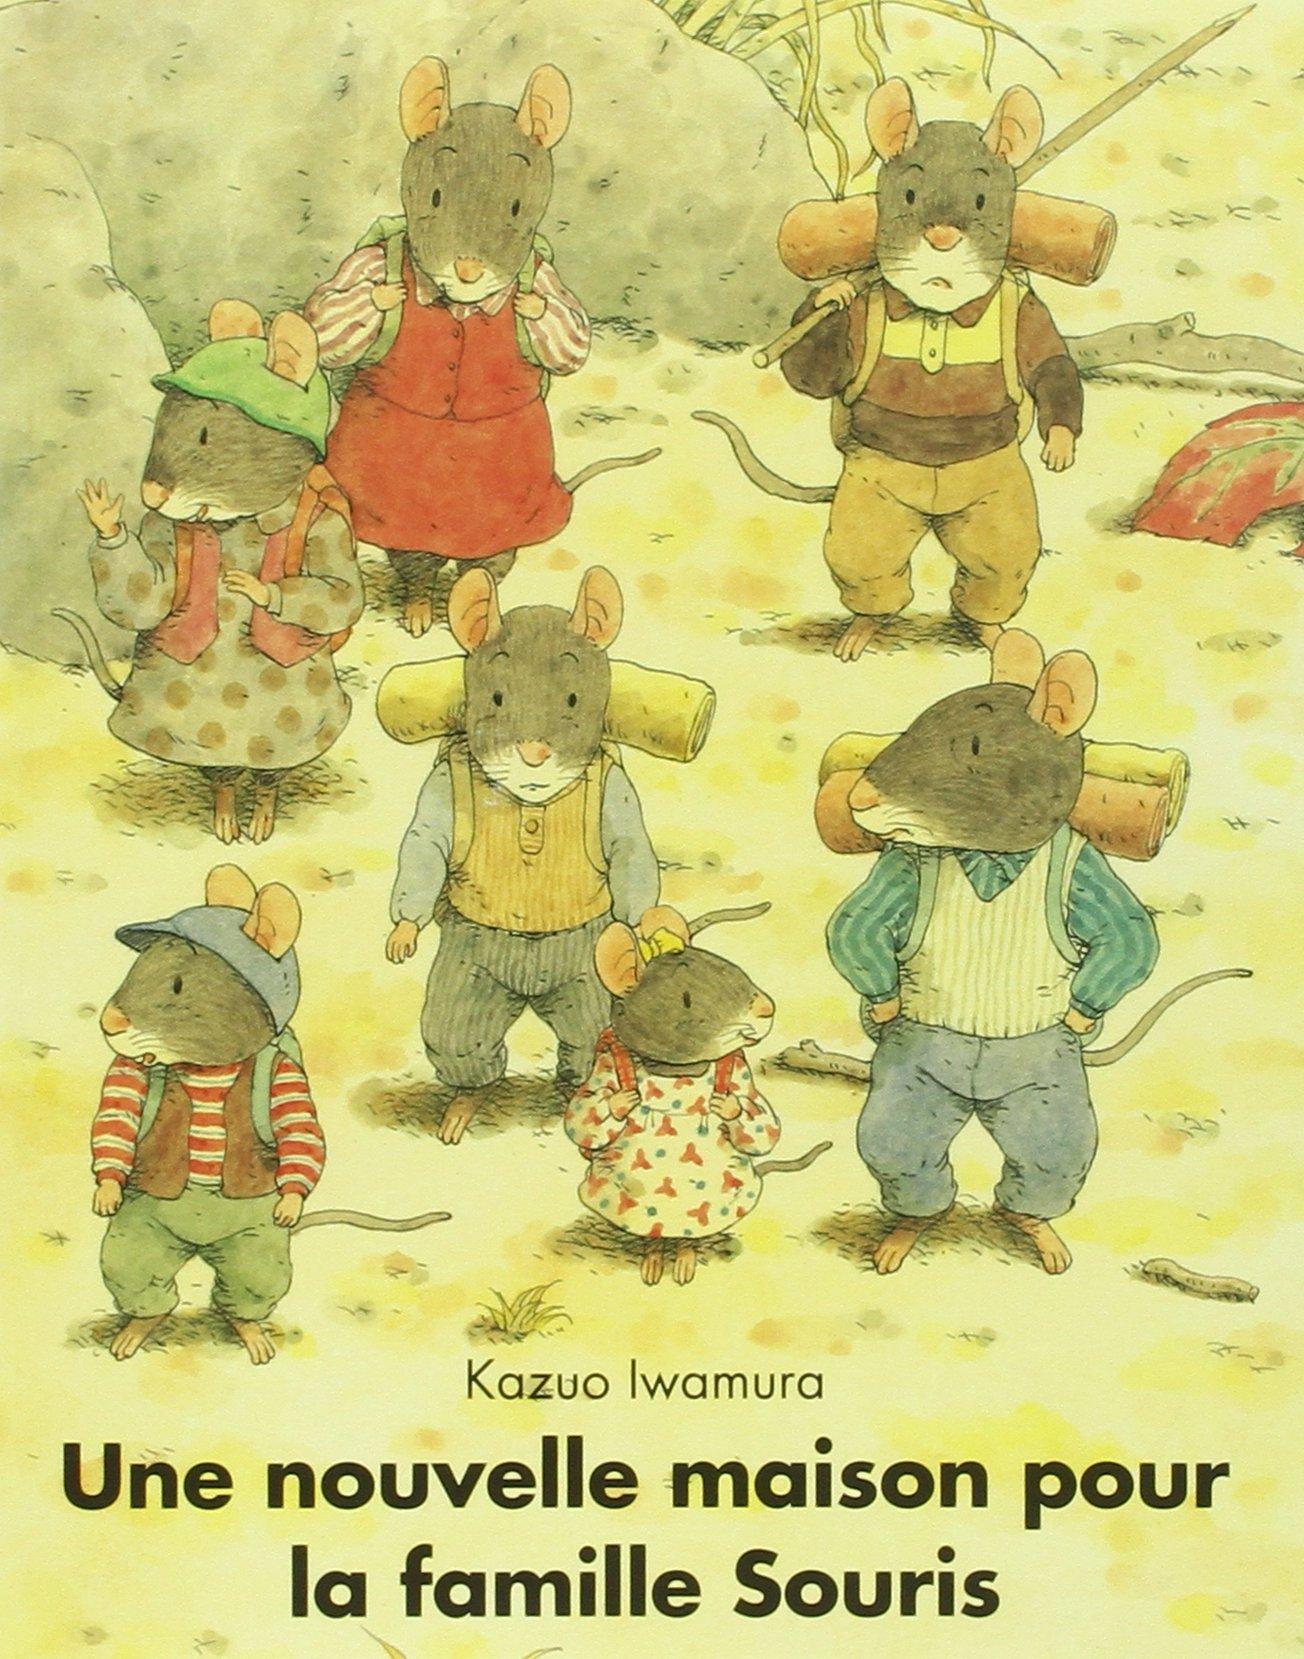 famille des souris